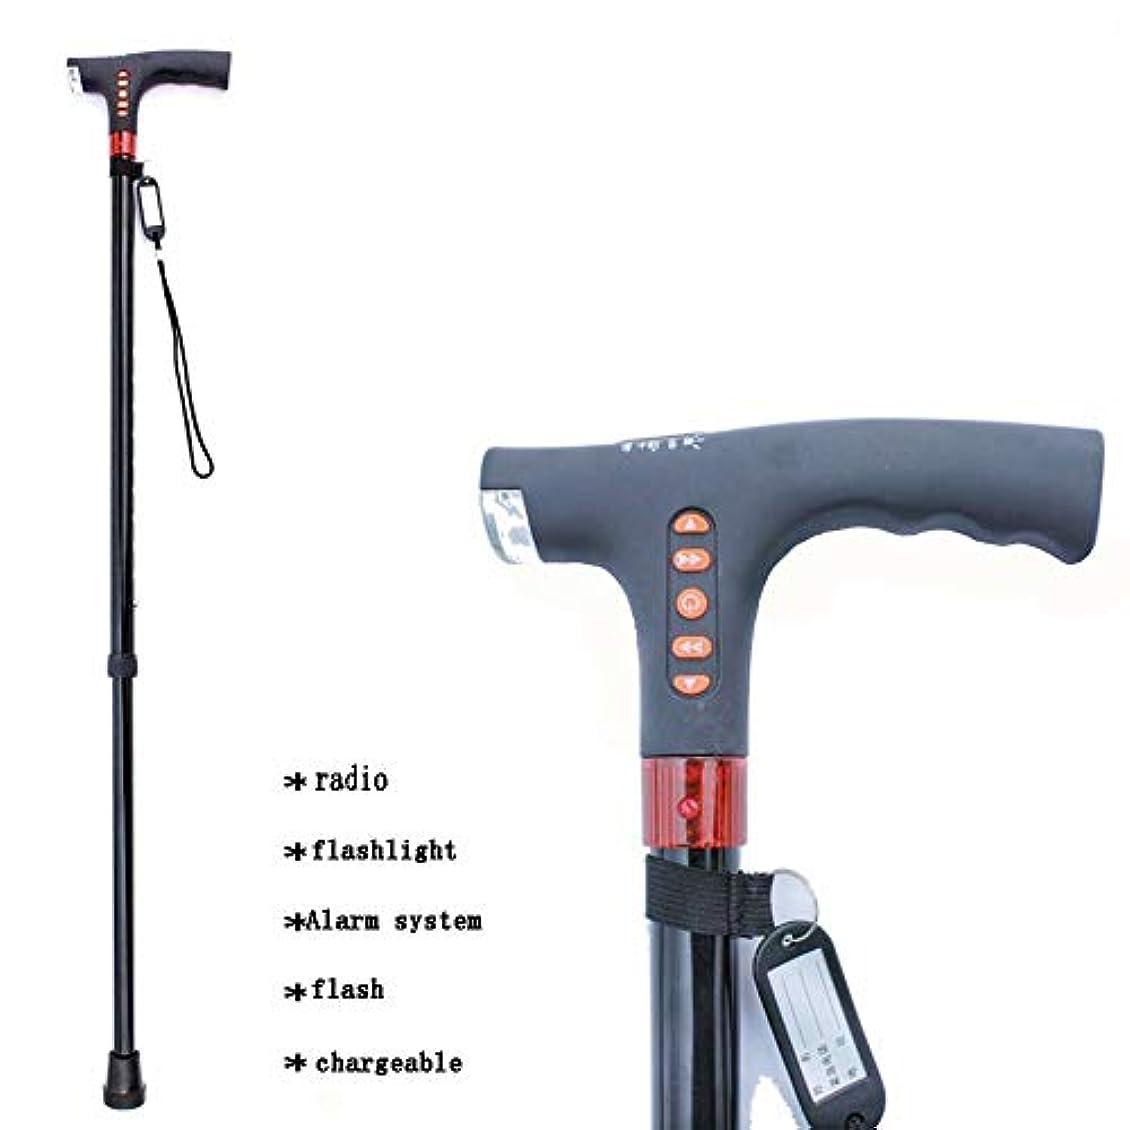 疑わしい眠いです樹木スマートな杖多機能ラジオライティング老人の杖の伸縮ベルトとLEDライトとアラーム光のノンスリップ杖